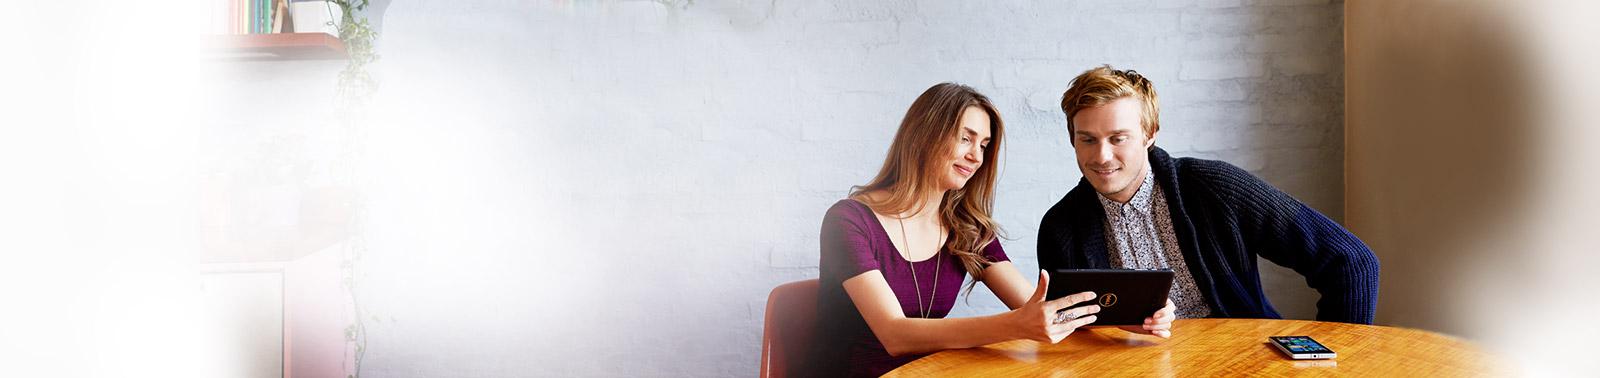 Una mujer sentada a la mesa, con una tableta en las manos que le muestra a un hombre junto a ella.